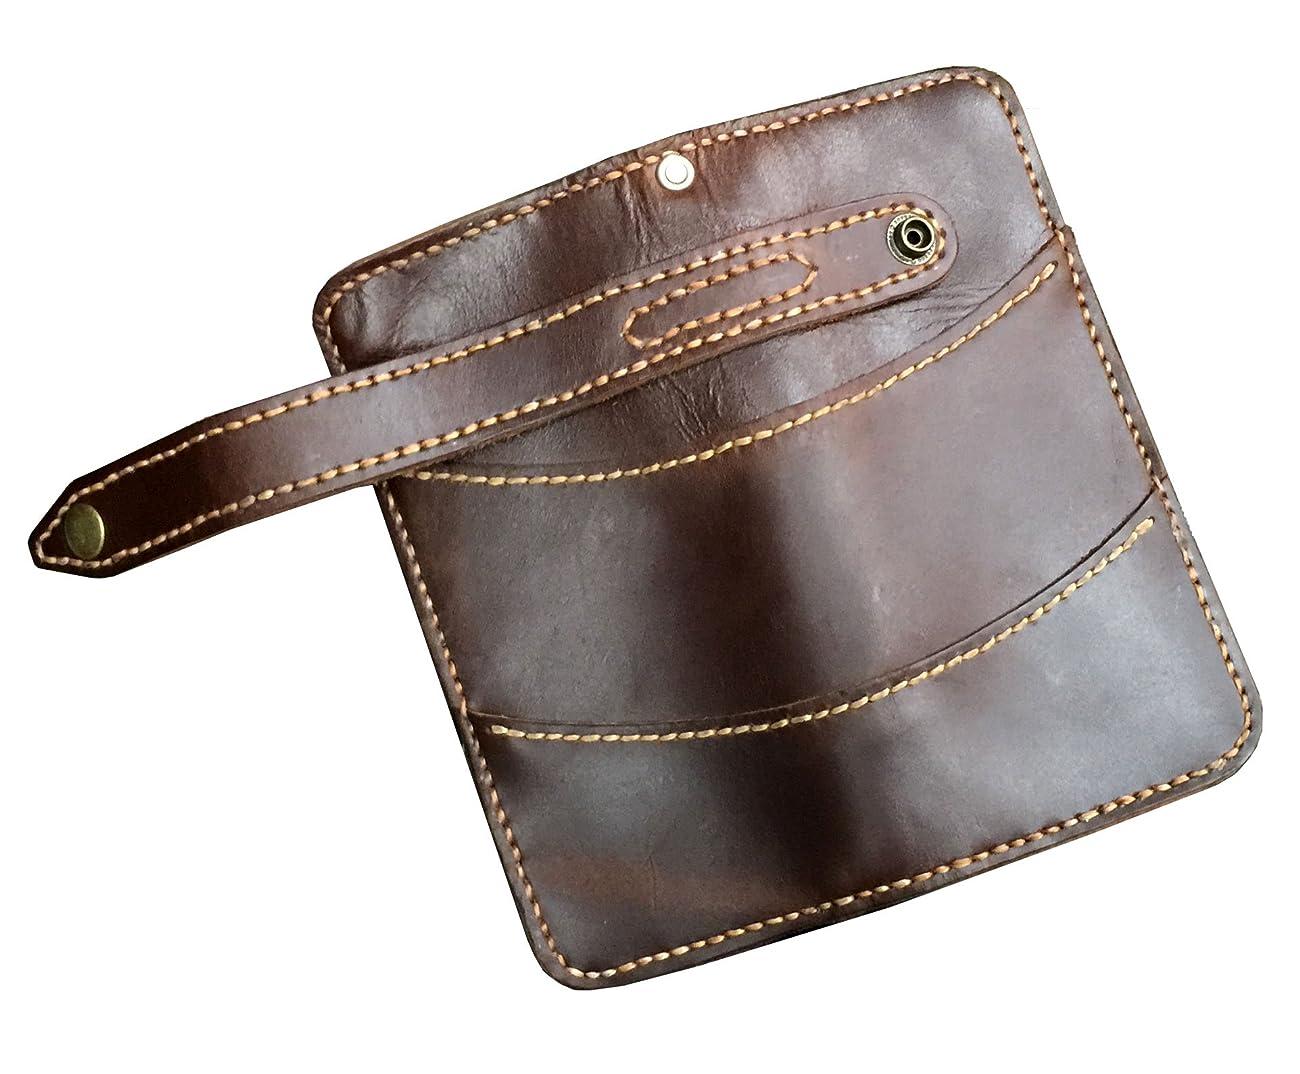 D'SHARK Men's Vintage Biker Genuine Leather Billfold Wallet 3